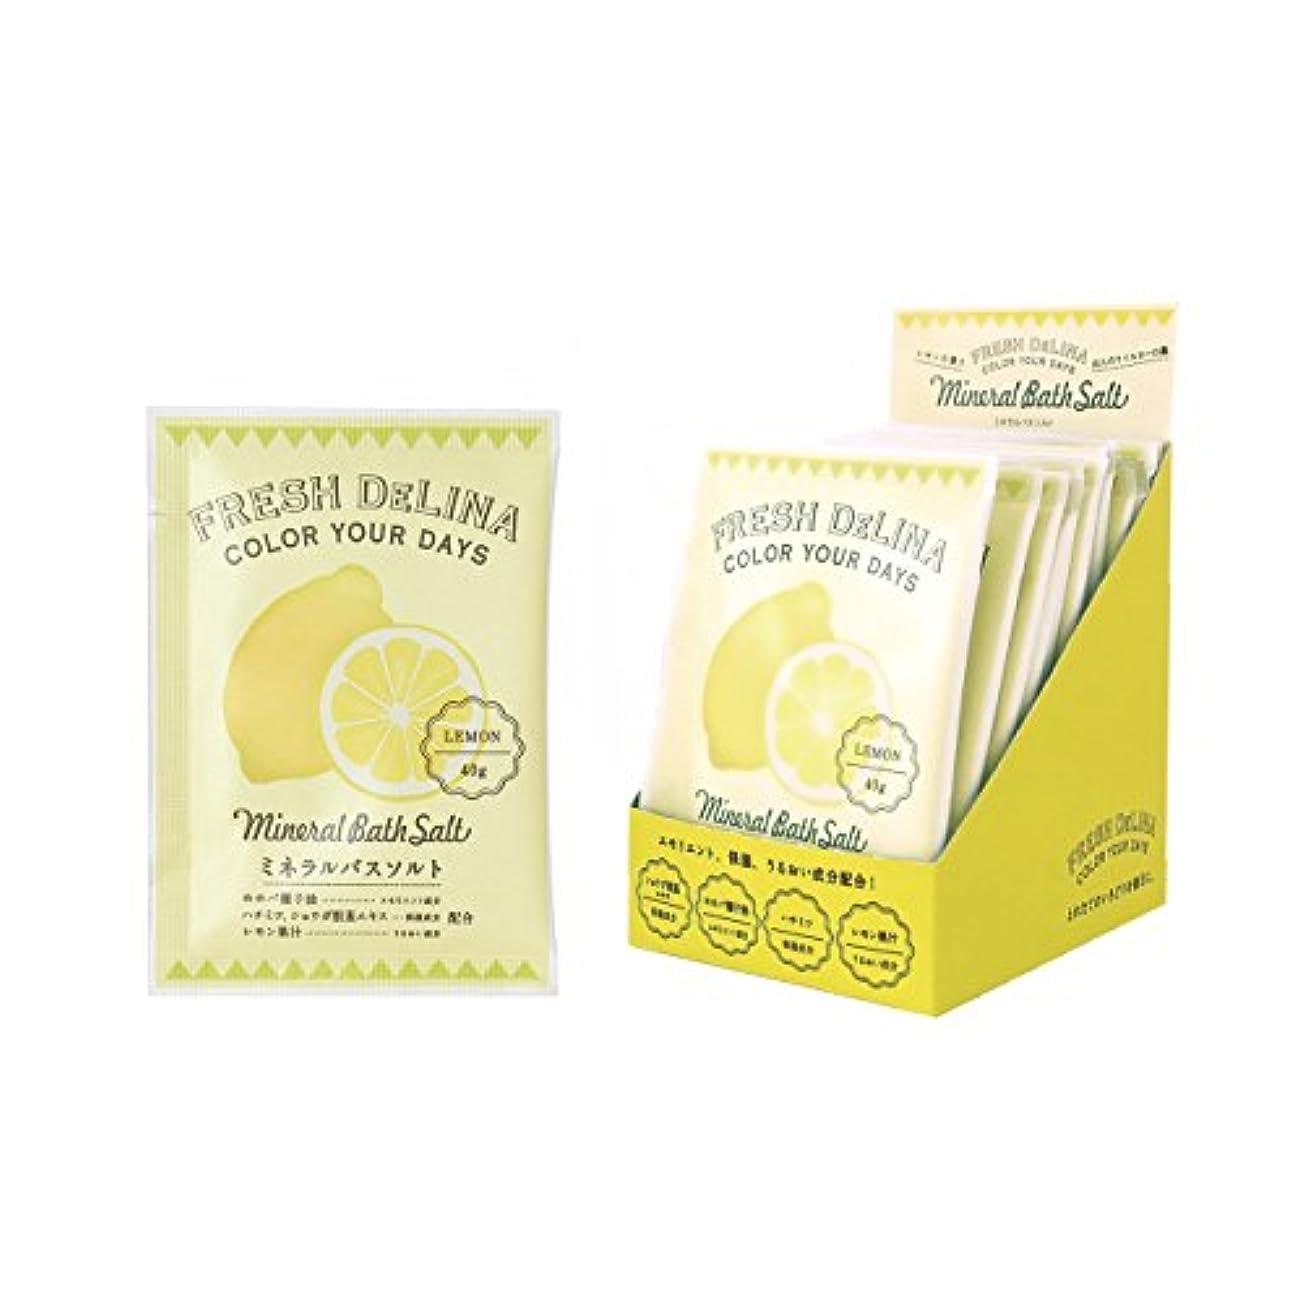 間隔酔うライバルフレッシュデリーナ ミネラルバスソルト40g(レモン) 12個 (海塩タイプ入浴料 日本製 どこかなつかしいフレッシュなレモンの香り)